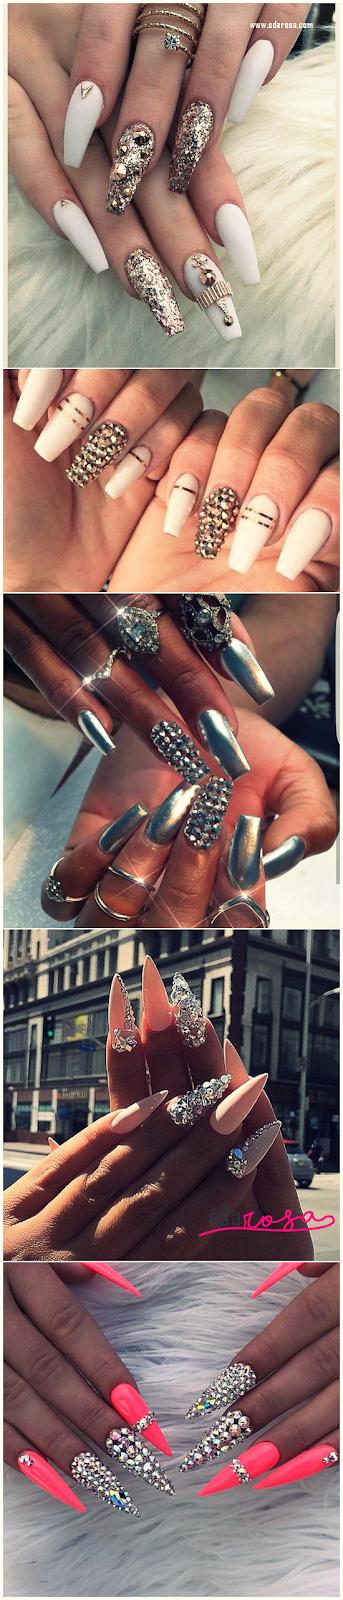 decoração de unhas com pedras e glitter